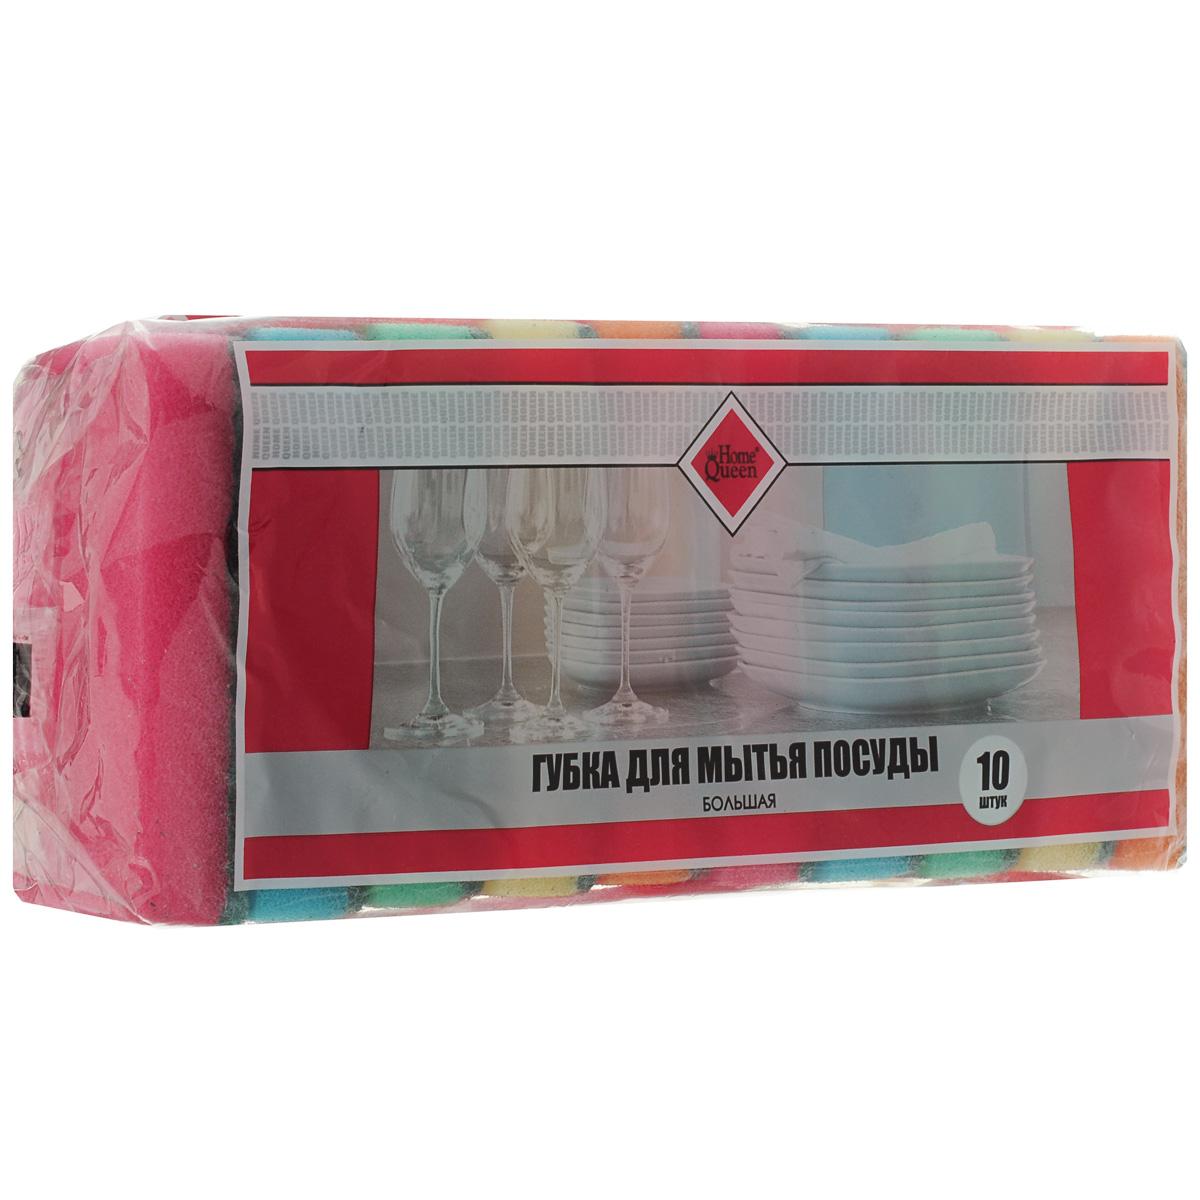 Губка для мытья посуды Home Queen, большая, 10 шт531-105Губка для мытья посуды Home Queen выполнена из особо прочного поролона и фибры с абразивом. Предназначена для мытья посуды, столовых приборов, кухонной утвари, а также подходит для чистки поверхности плит, раковин, ванн и кафеля. Удобна в применении благодаря большому размеру. Размер губки: 9,5 см х 6 см х 2,4 см. Комплектация: 10 шт.